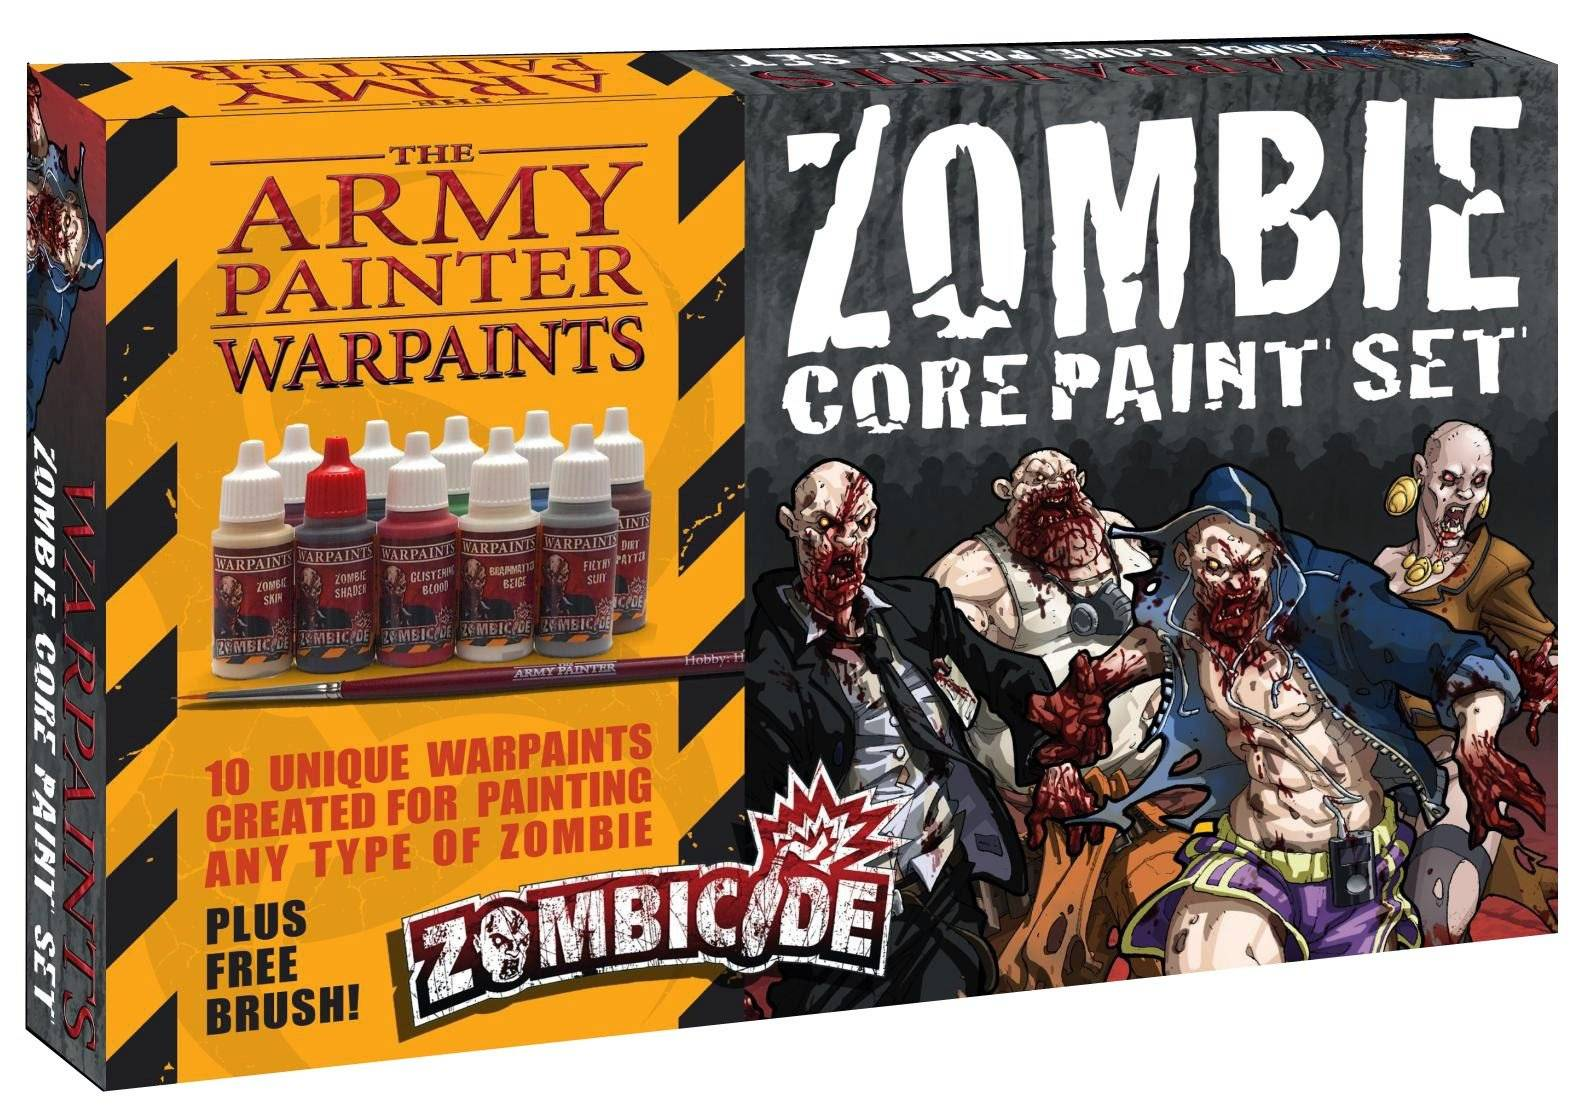 AP - Zombie core paint set (zombicide)